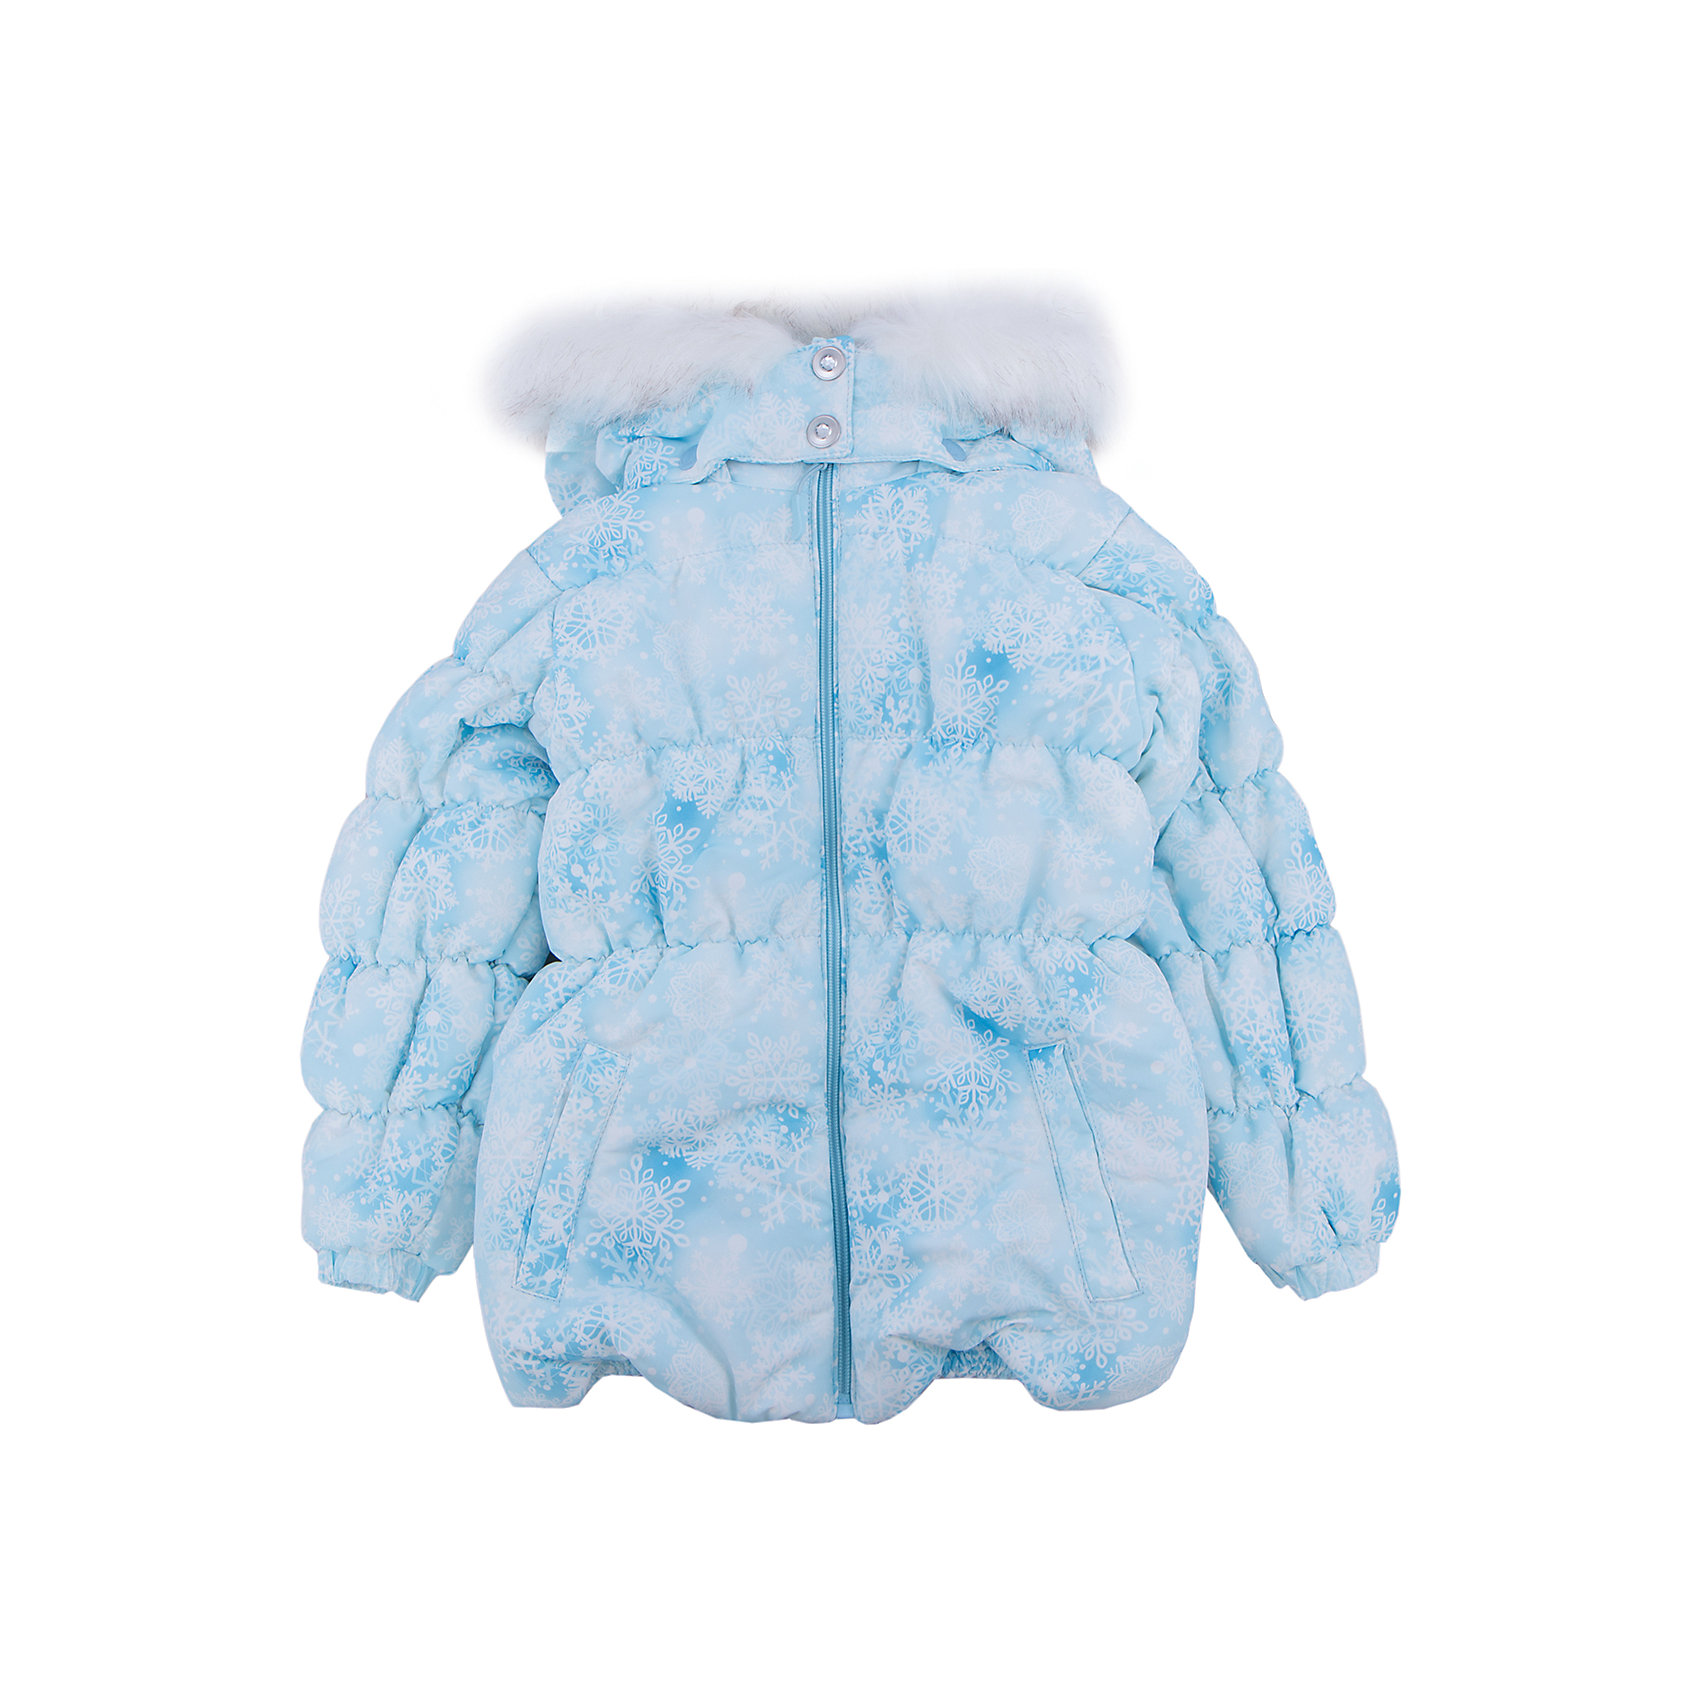 Куртка для девочки PlayTodayЗимние куртки<br>Куртка для девочки от известного бренда PlayToday.<br>Теплая куртка для девочки. Рукава и пояс на резинке. Застегивается на молнию, есть два функциональных кармана на кнопках. Капюшон украшен искусственным белым мехом. Удобно отстегивается.<br>Состав:<br>Верх: 100% полиэстер, Подкладка: 100% полиэстер, Наполнитель: 100% полиэстер, 260 г/м2<br><br>Ширина мм: 356<br>Глубина мм: 10<br>Высота мм: 245<br>Вес г: 519<br>Цвет: голубой<br>Возраст от месяцев: 24<br>Возраст до месяцев: 36<br>Пол: Женский<br>Возраст: Детский<br>Размер: 98,122,104,128,116,110<br>SKU: 4897983